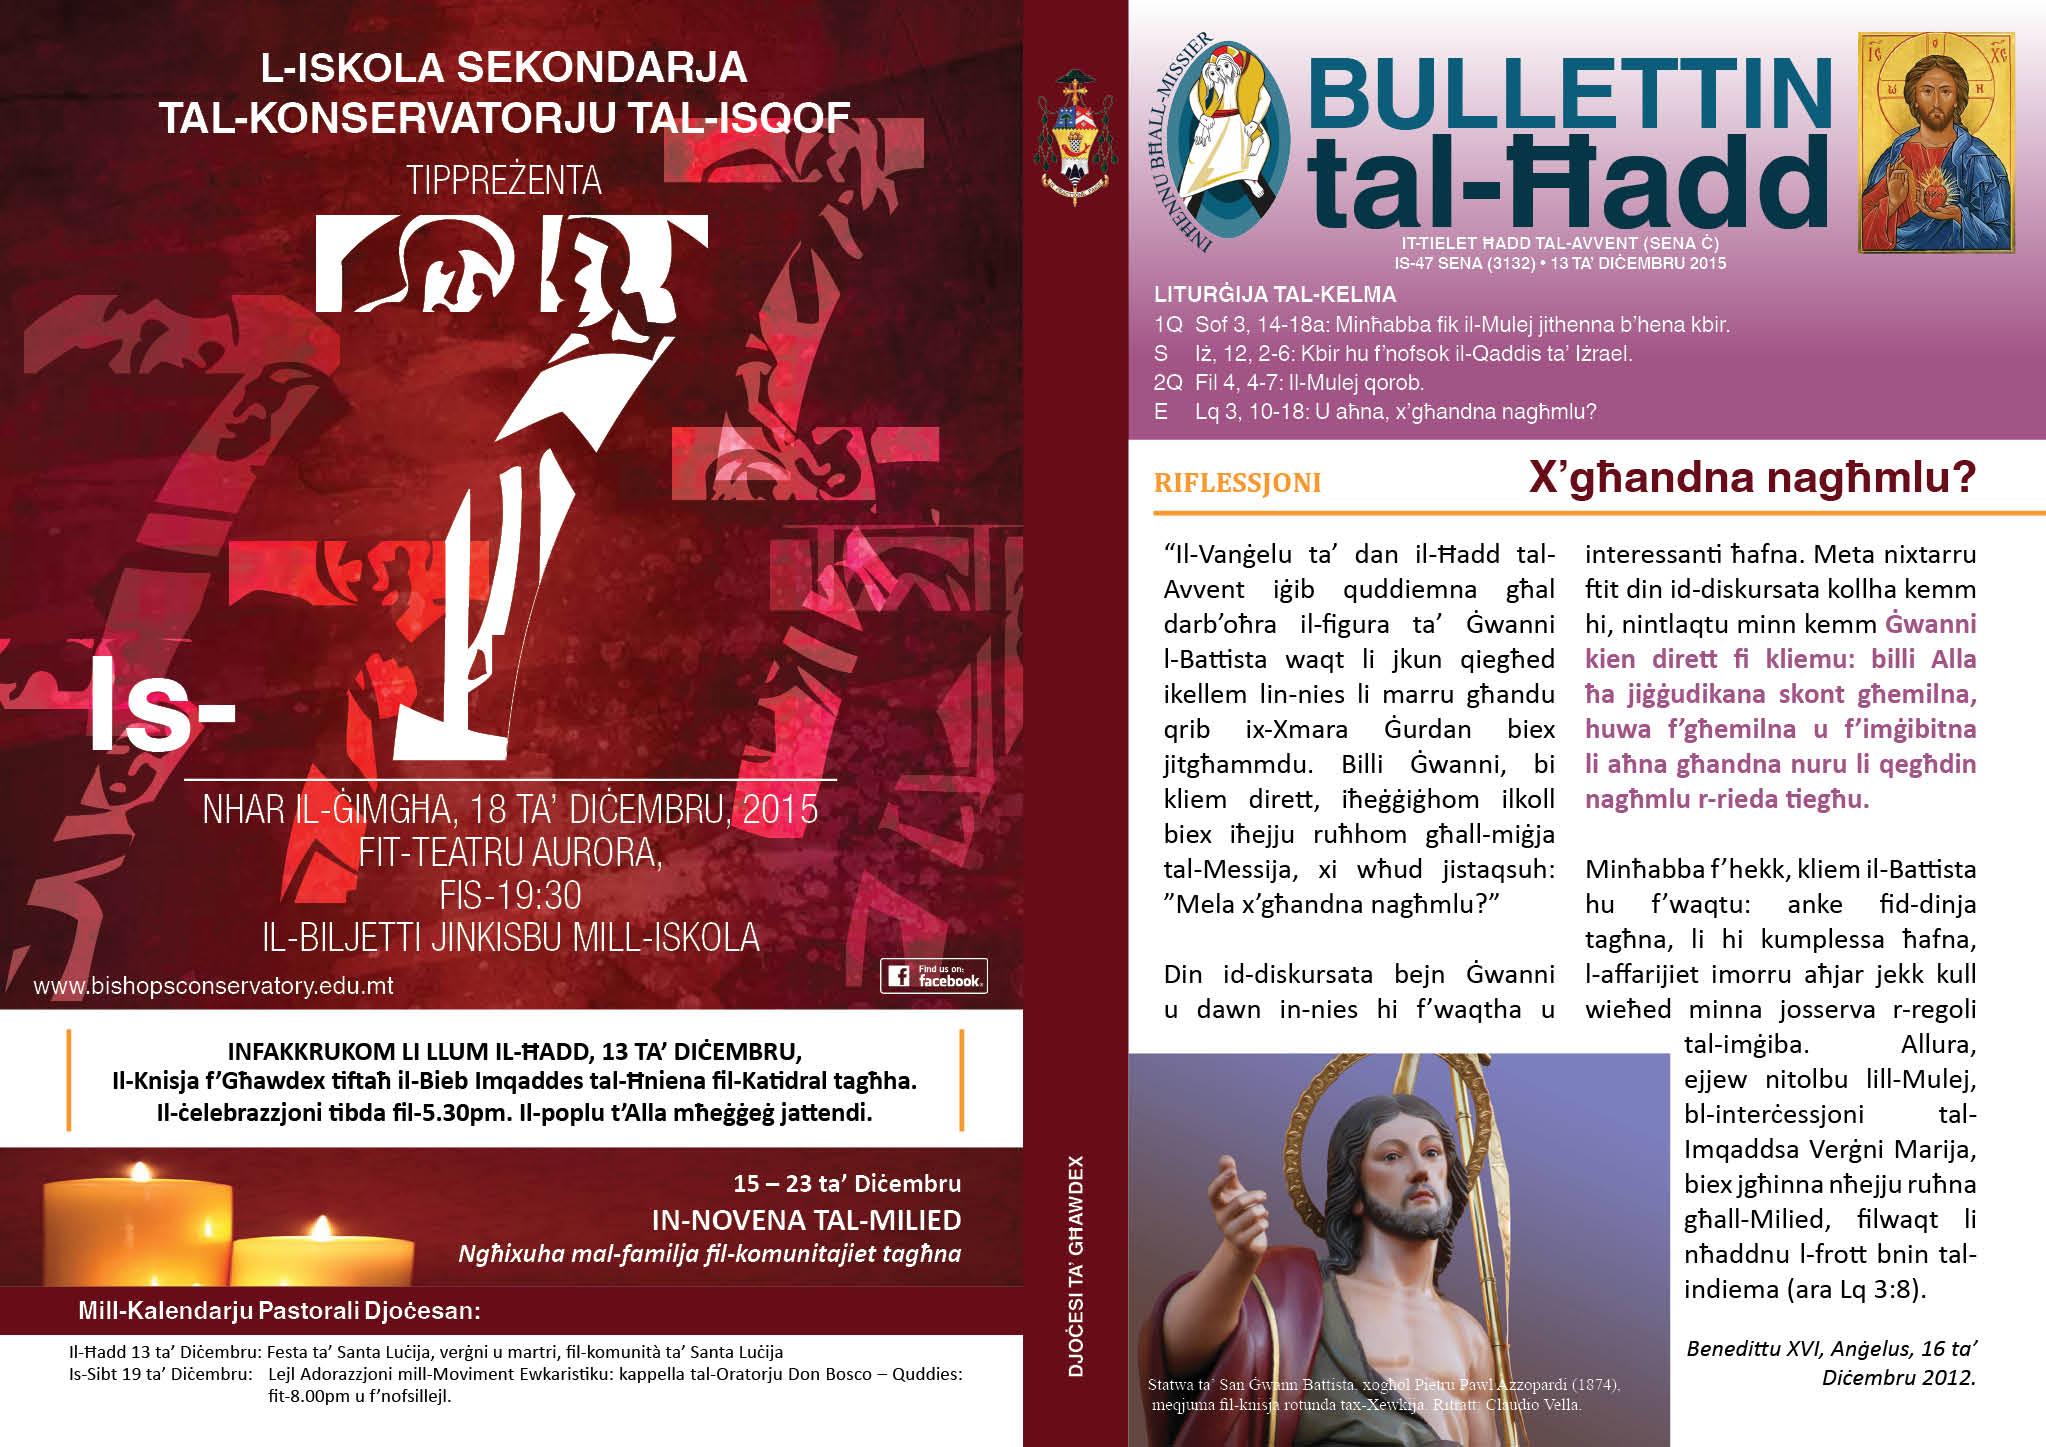 bullettin-2015-dicembru-13.jpg